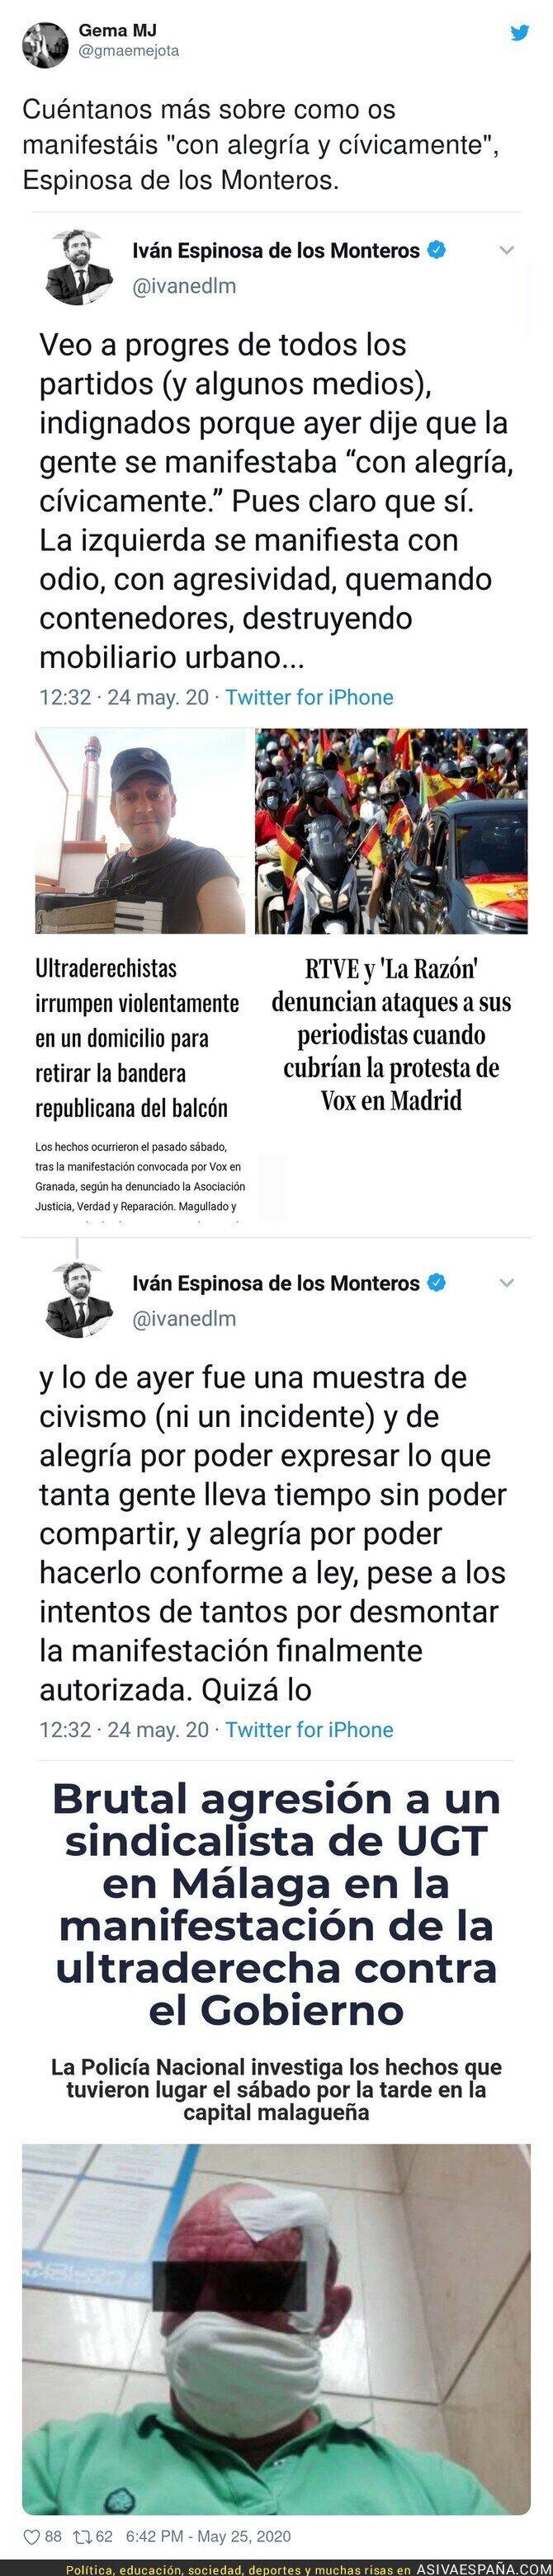 182011 - Que dice Iván Espinosa de los Monteros que cuando ellos se manifiestan es todo fiesta y sin problemas